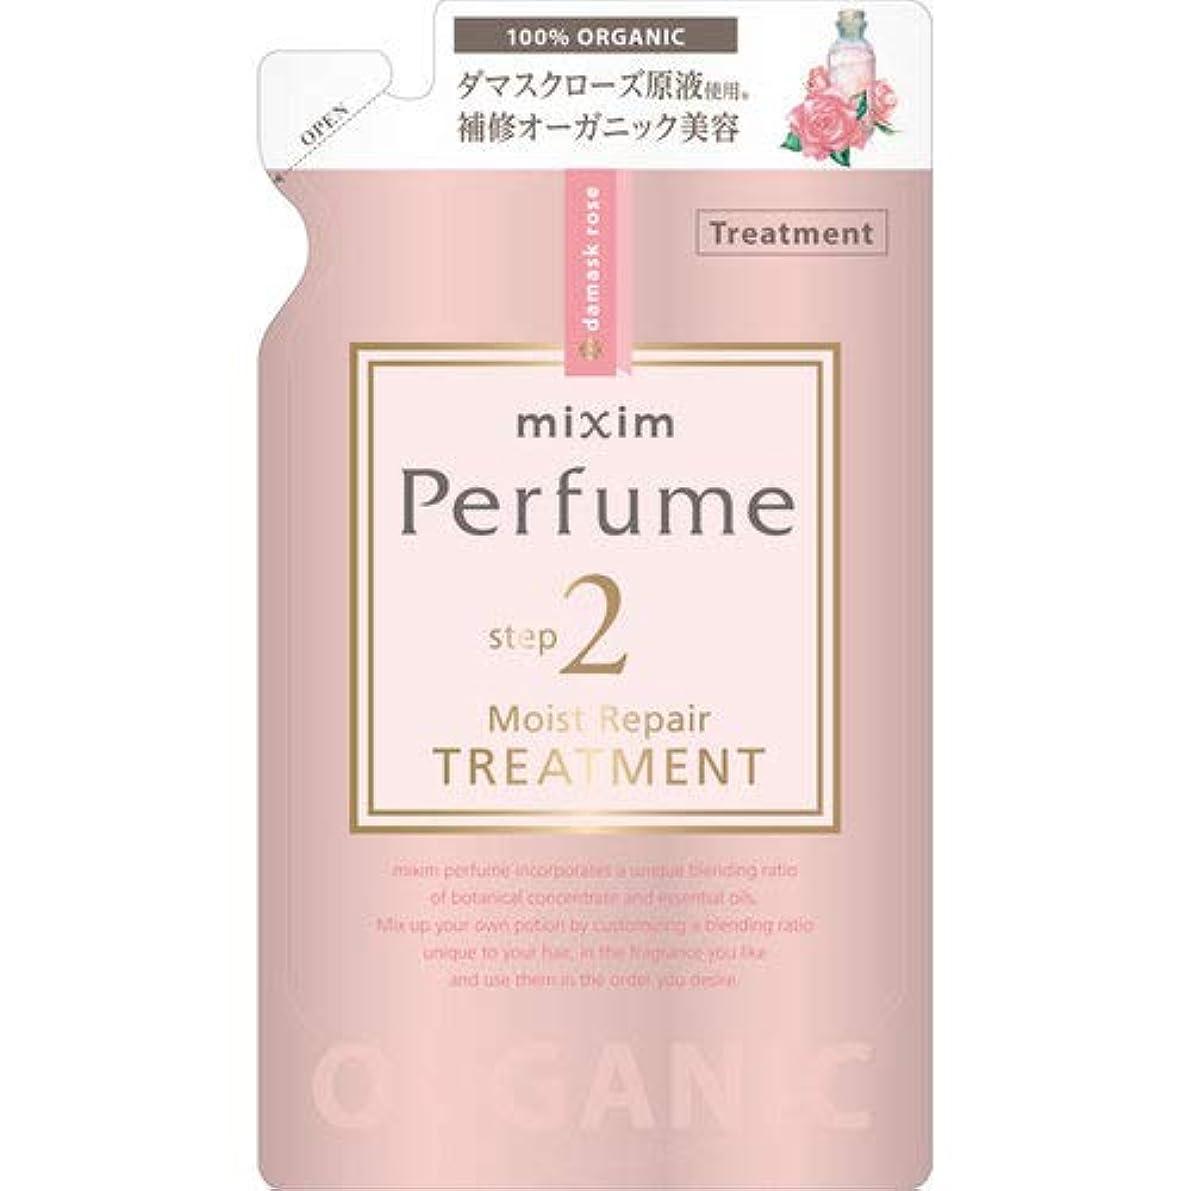 努力ライバル土地mixim Perfume(ミクシムパフューム) モイストリペア ヘアトリートメントつめかえ用 350g